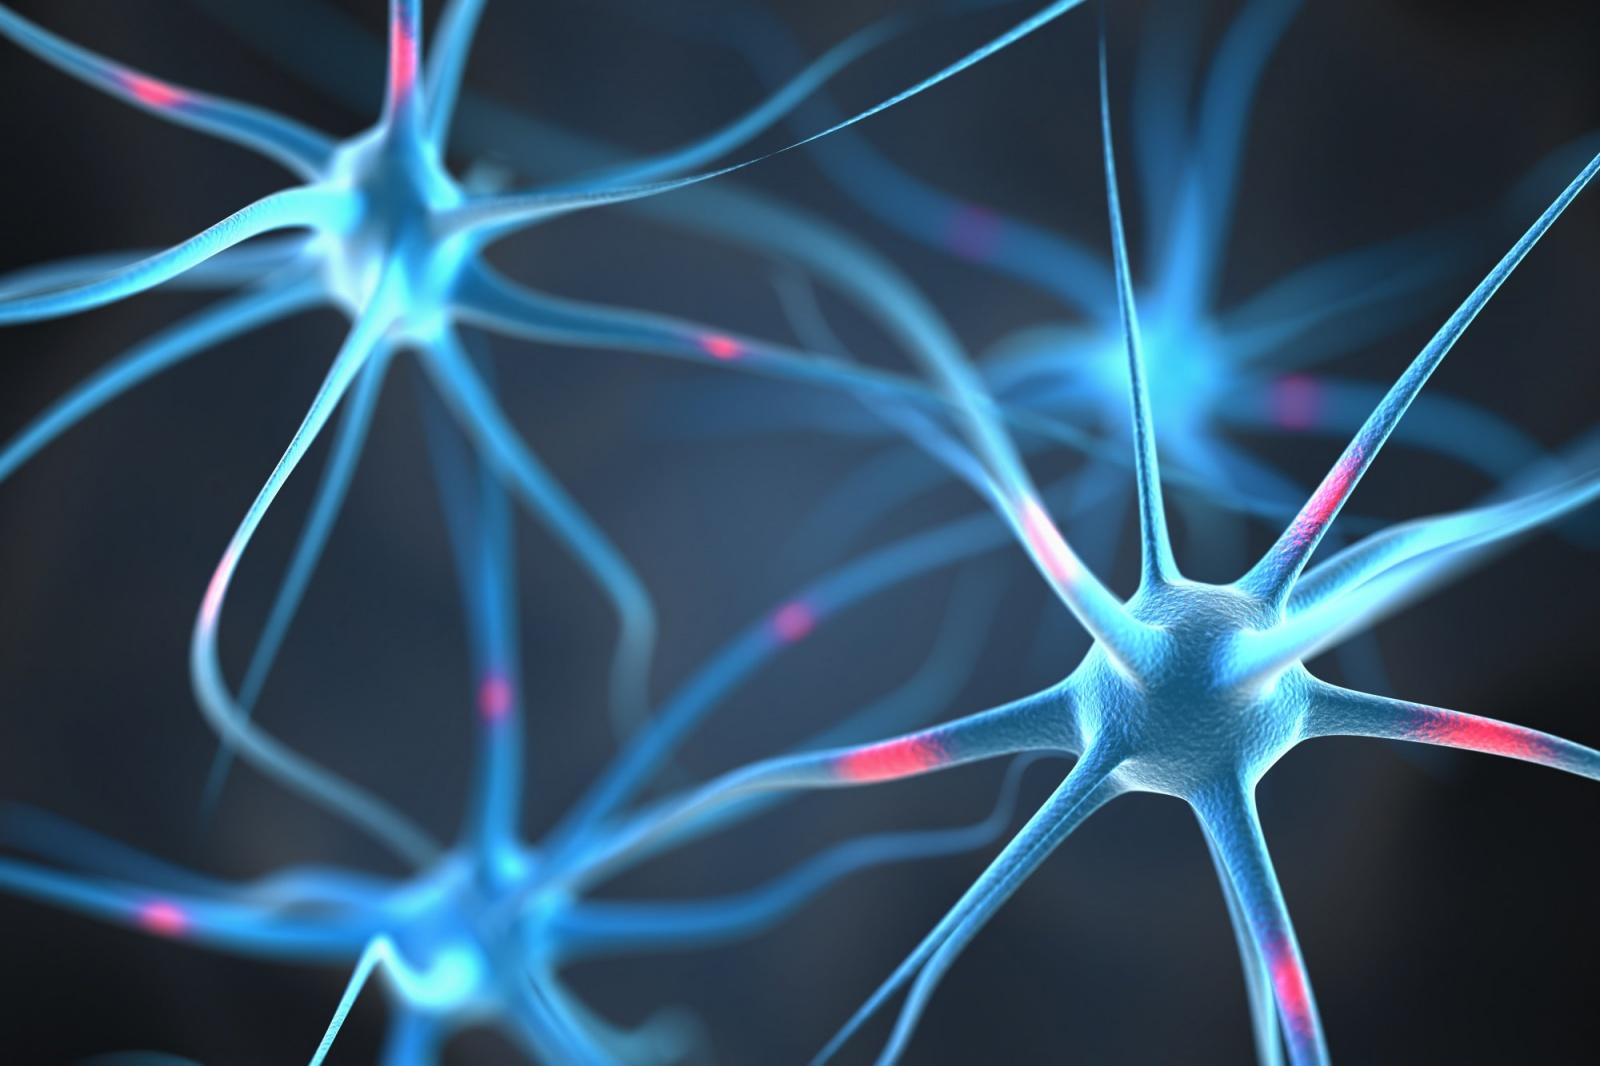 Исследователи управляют поведением мыши с помощью беспроводного нейроимпланта - 1